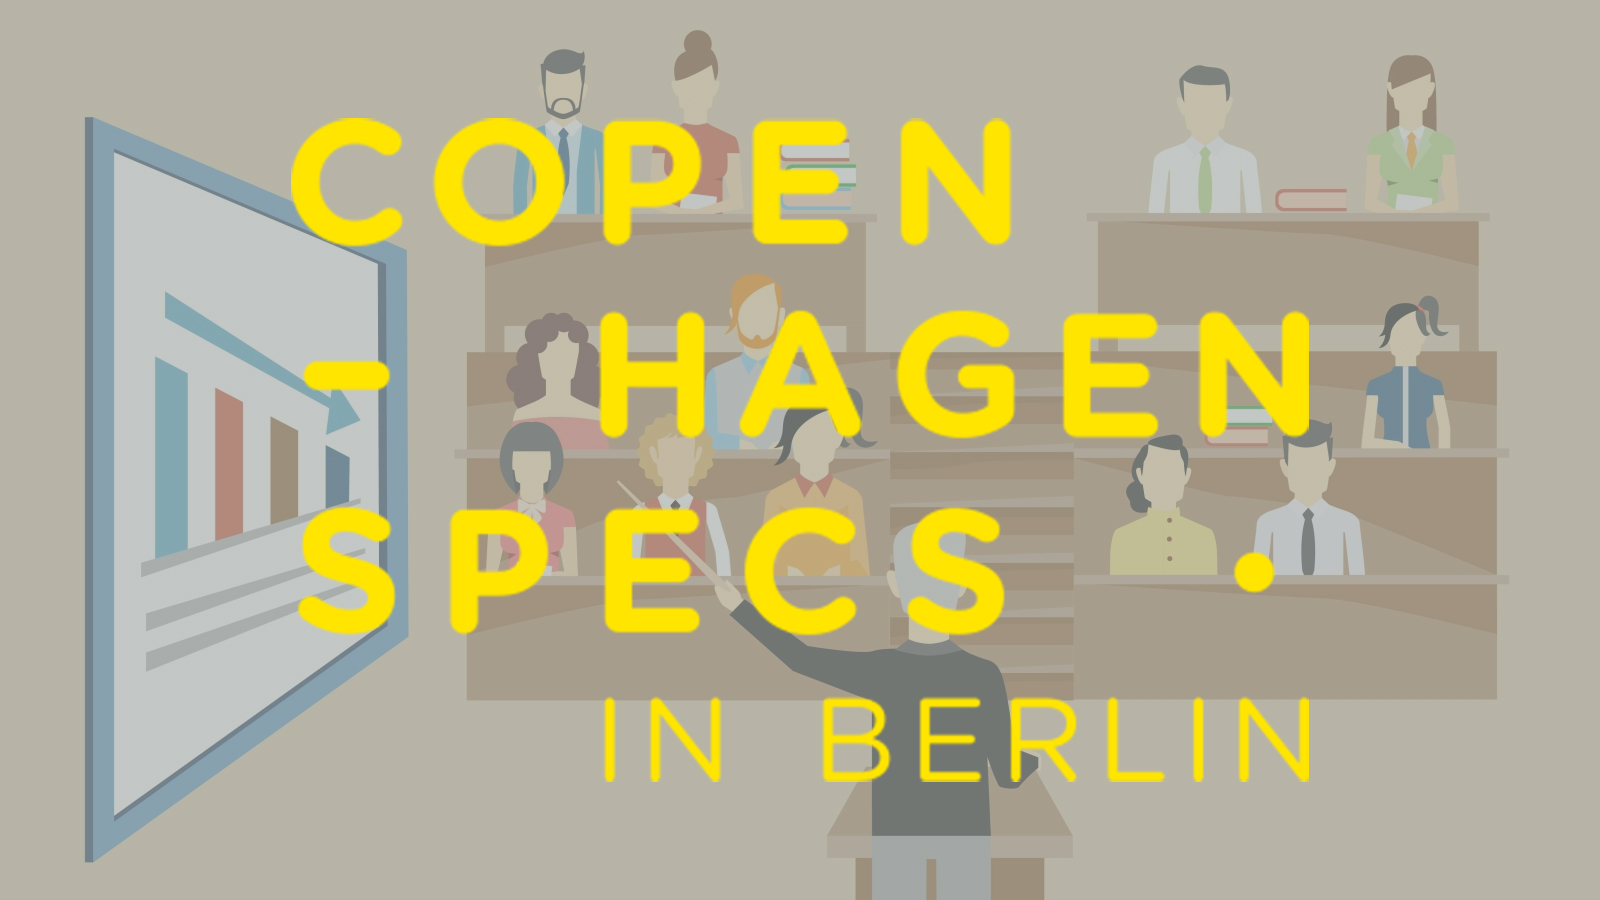 Copenhagen specs in Berlin // Lectures